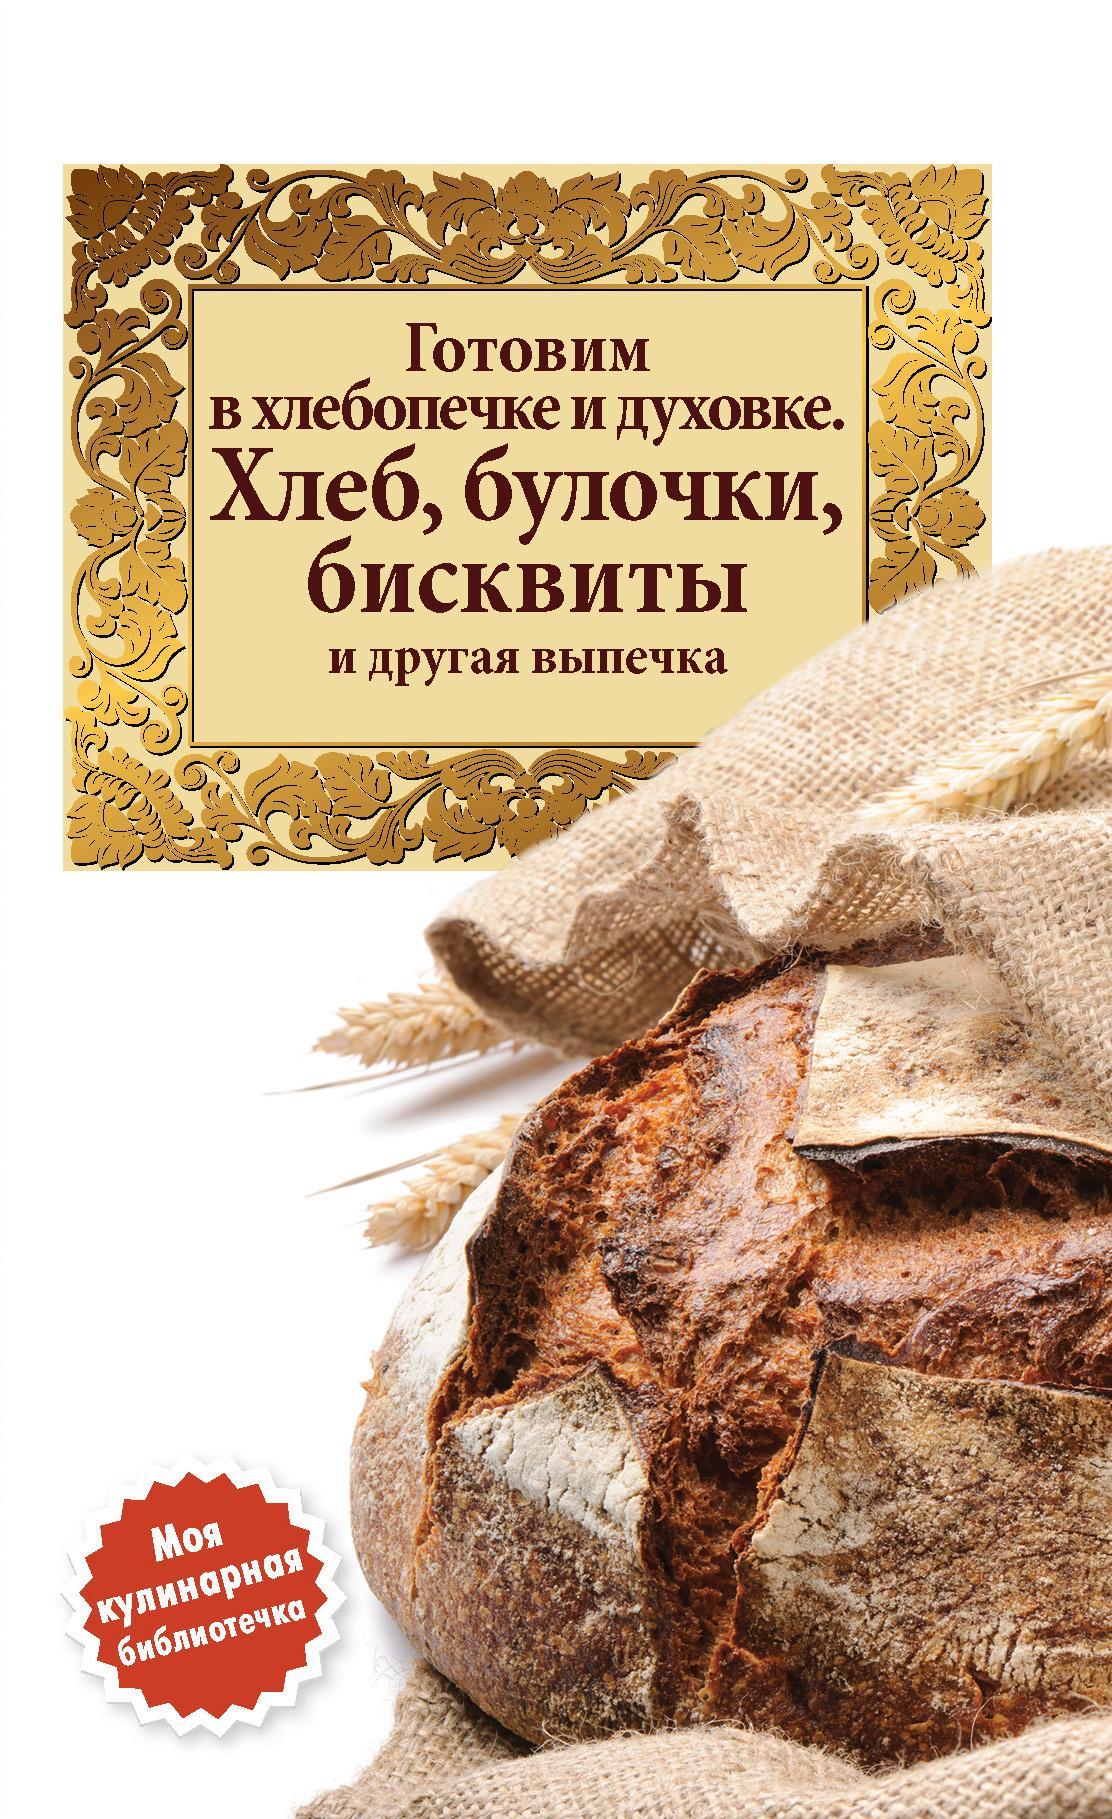 Отсутствует Готовим в хлебопечке и духовке. Хлеб, булочки, бисквиты и другая выпечка цена 2017